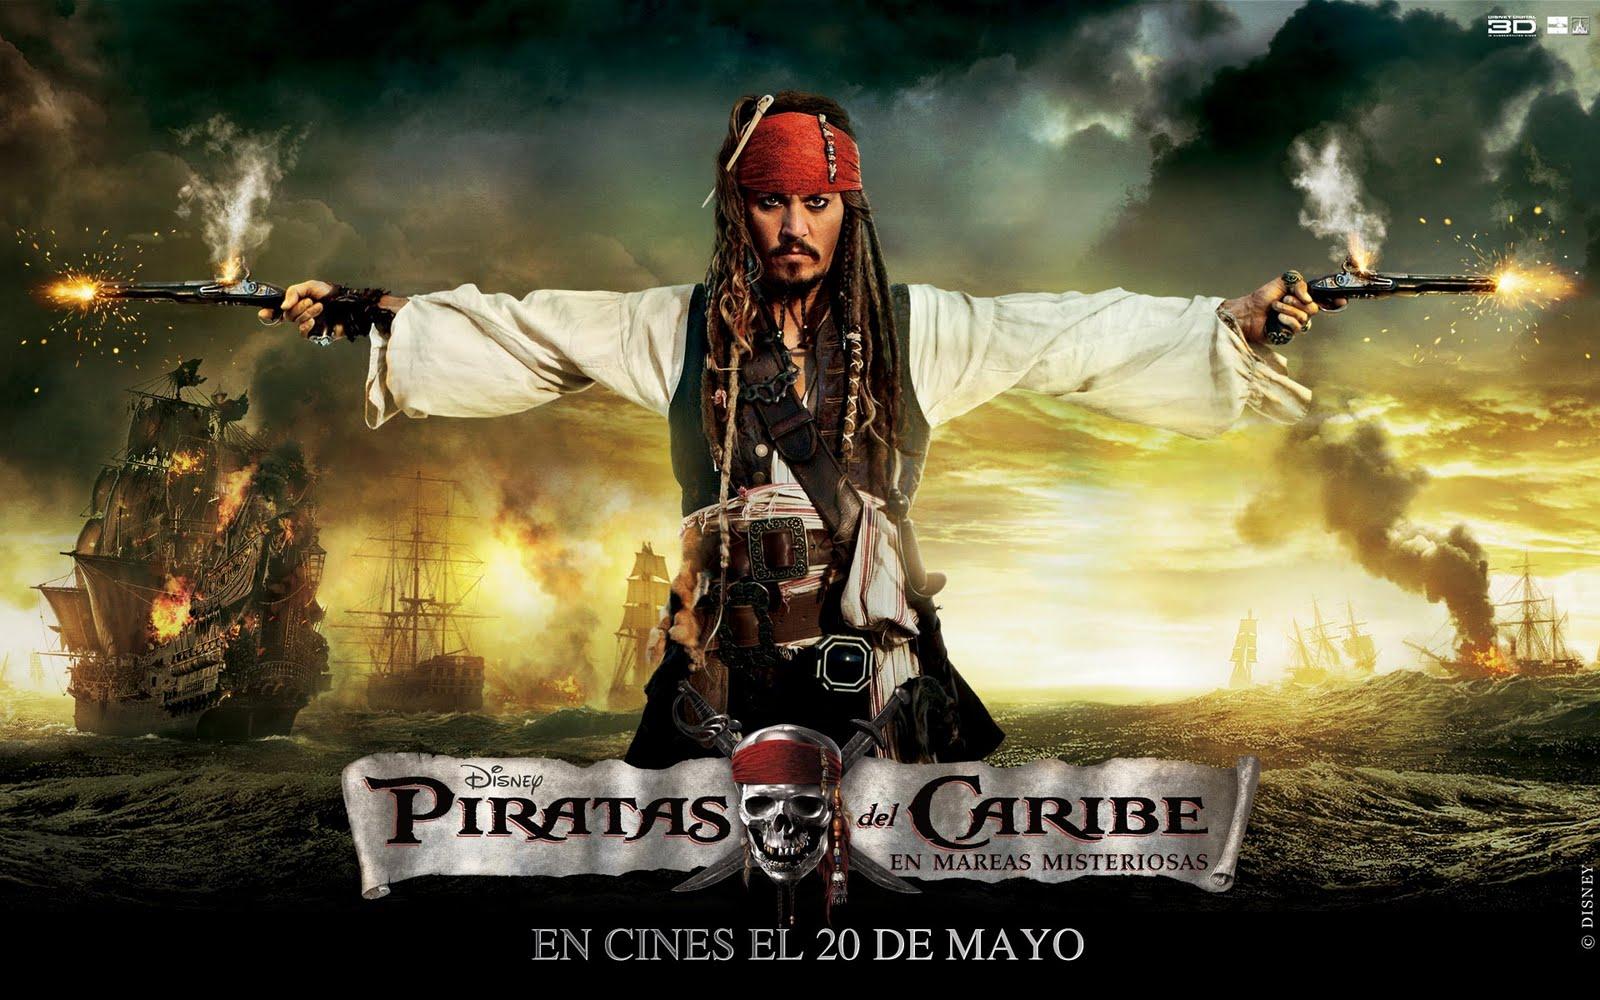 http://4.bp.blogspot.com/-n6rrn9HRg8g/TesYO1J7XaI/AAAAAAAAJ-s/n4vIMBCZdYA/s1600/piratas-del-caribe-4-entrepelis.jpg